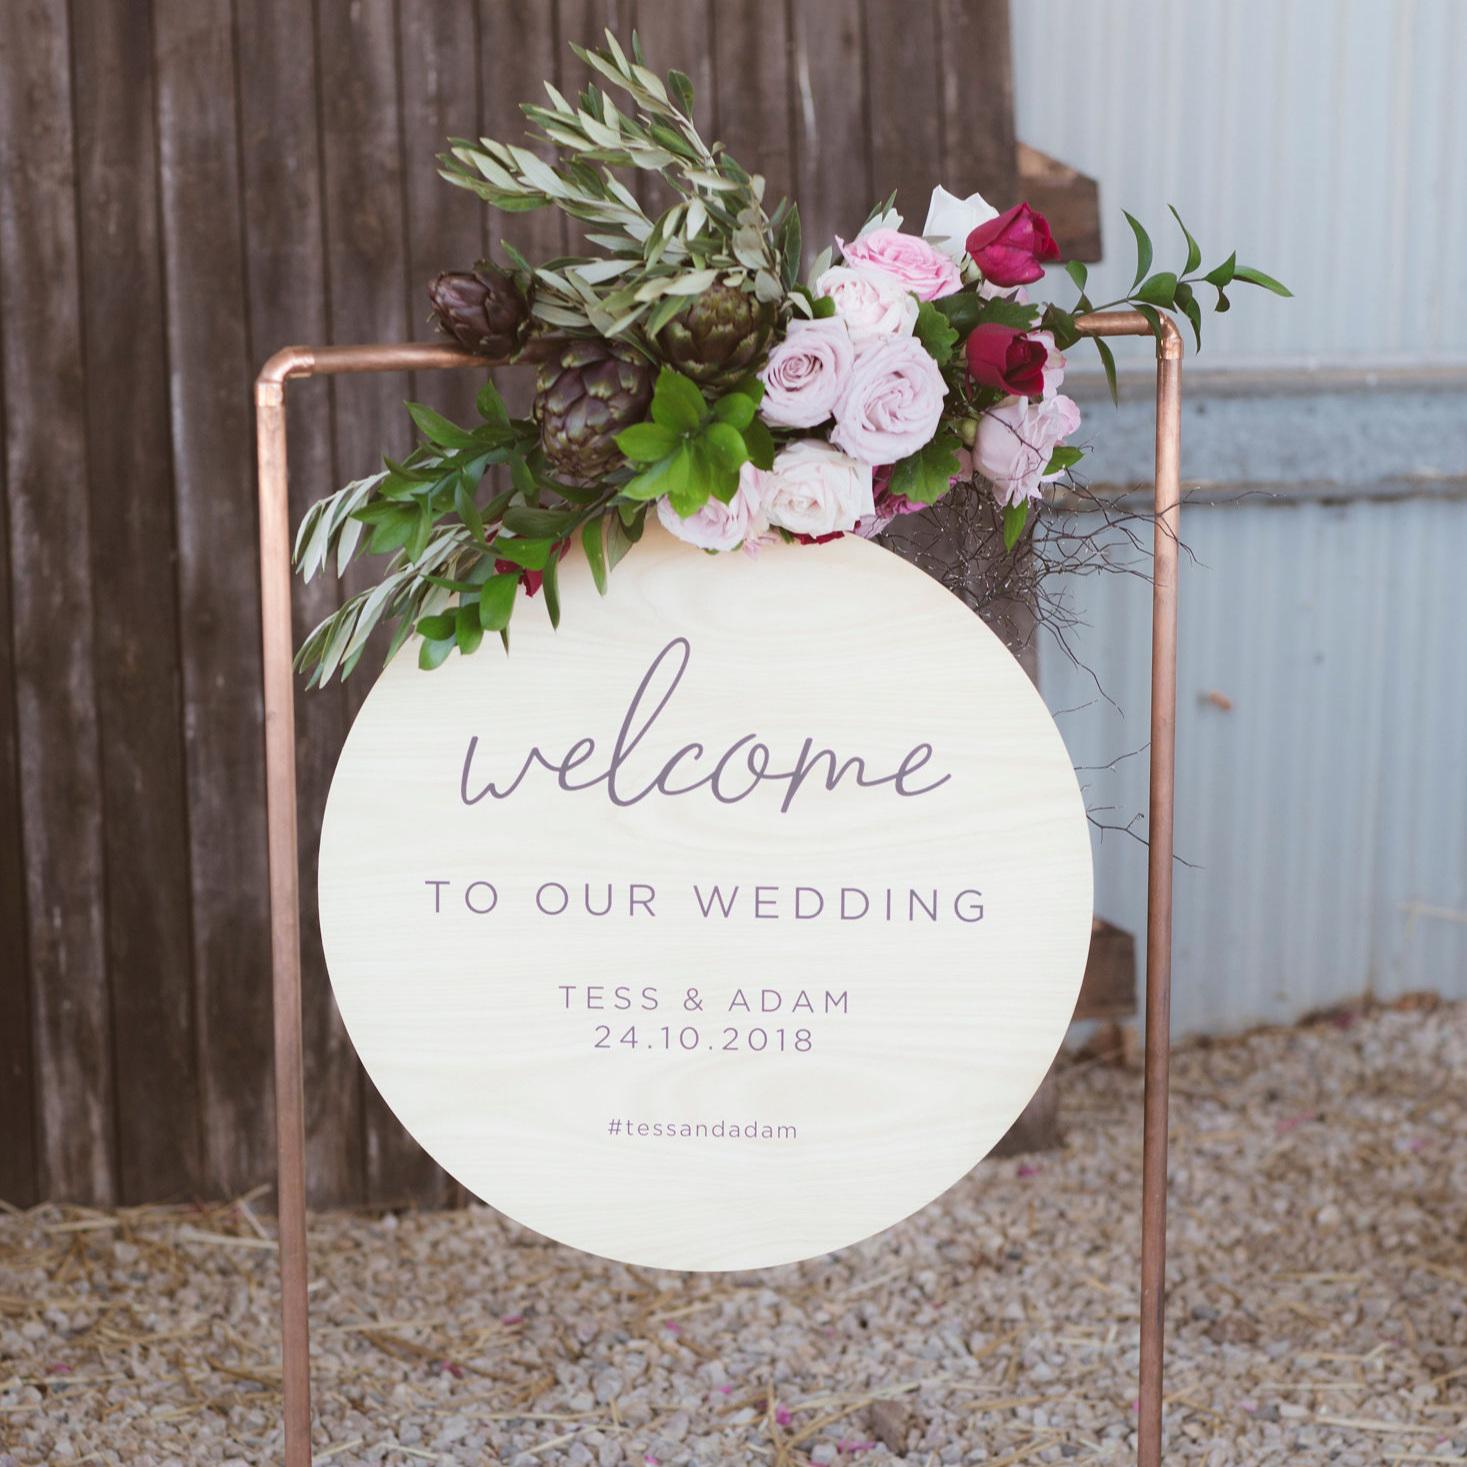 weddingSIGNAGE -